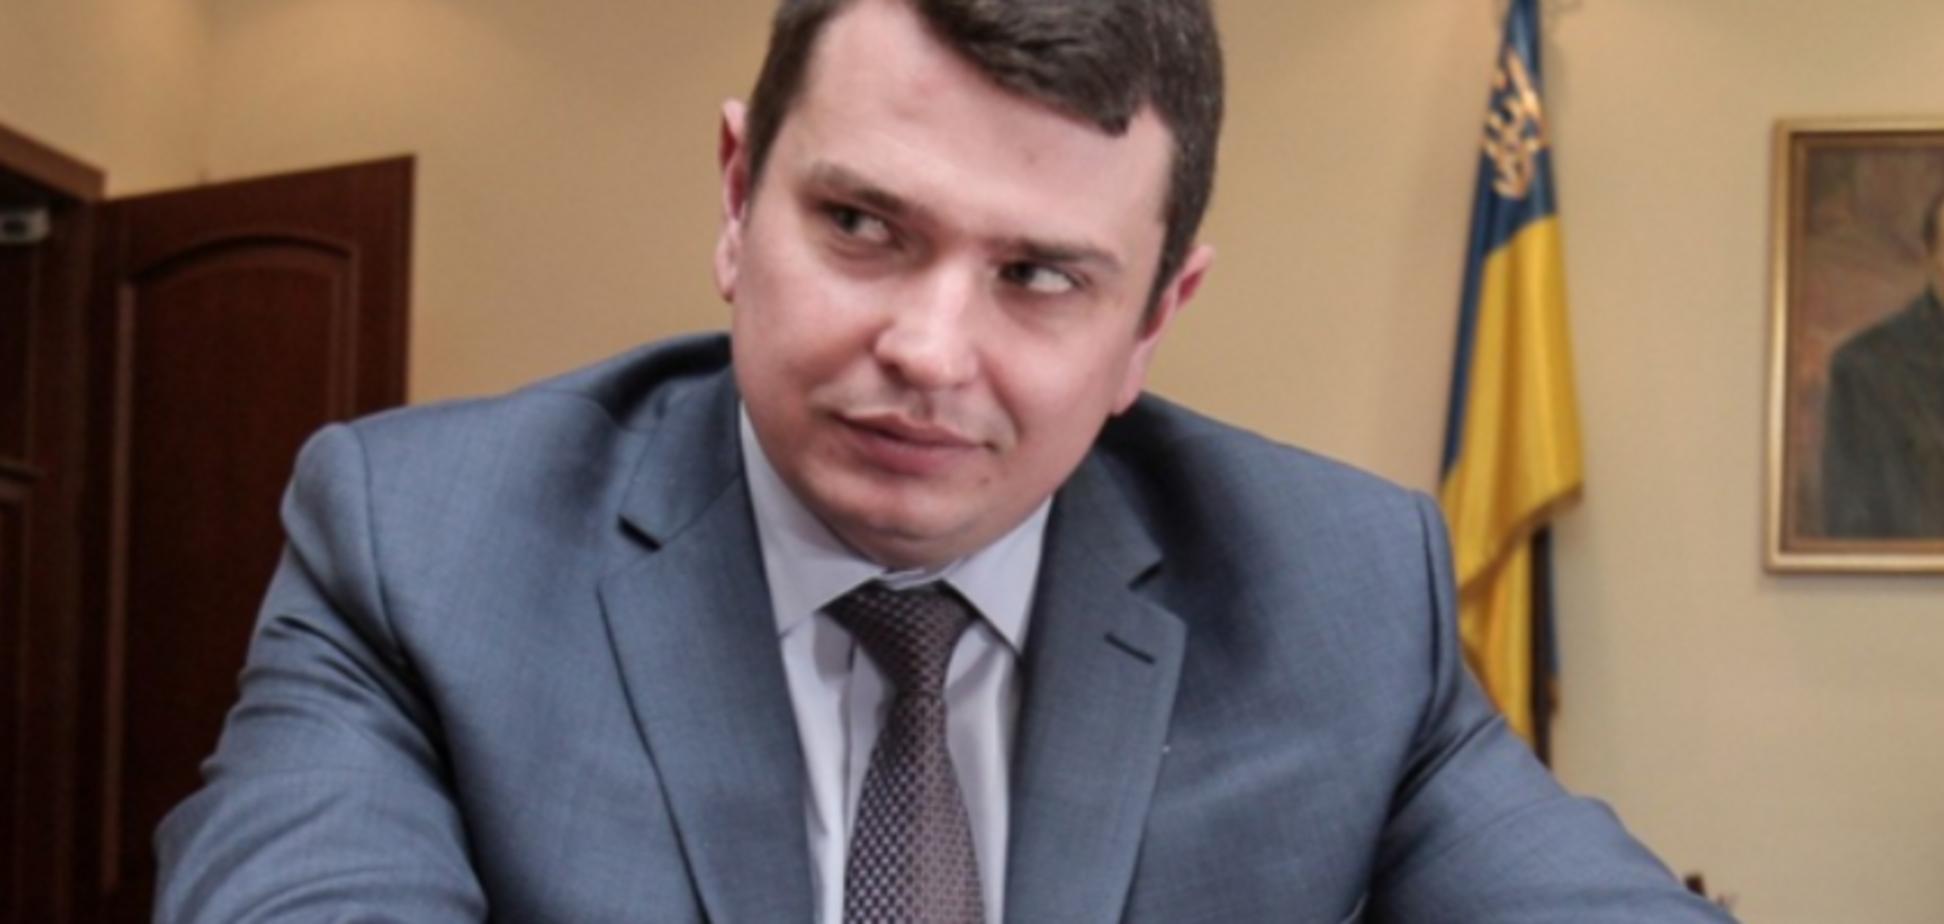 Ситник таємно продав елітну ділянку в Криму: знайдено скандальне оголошення